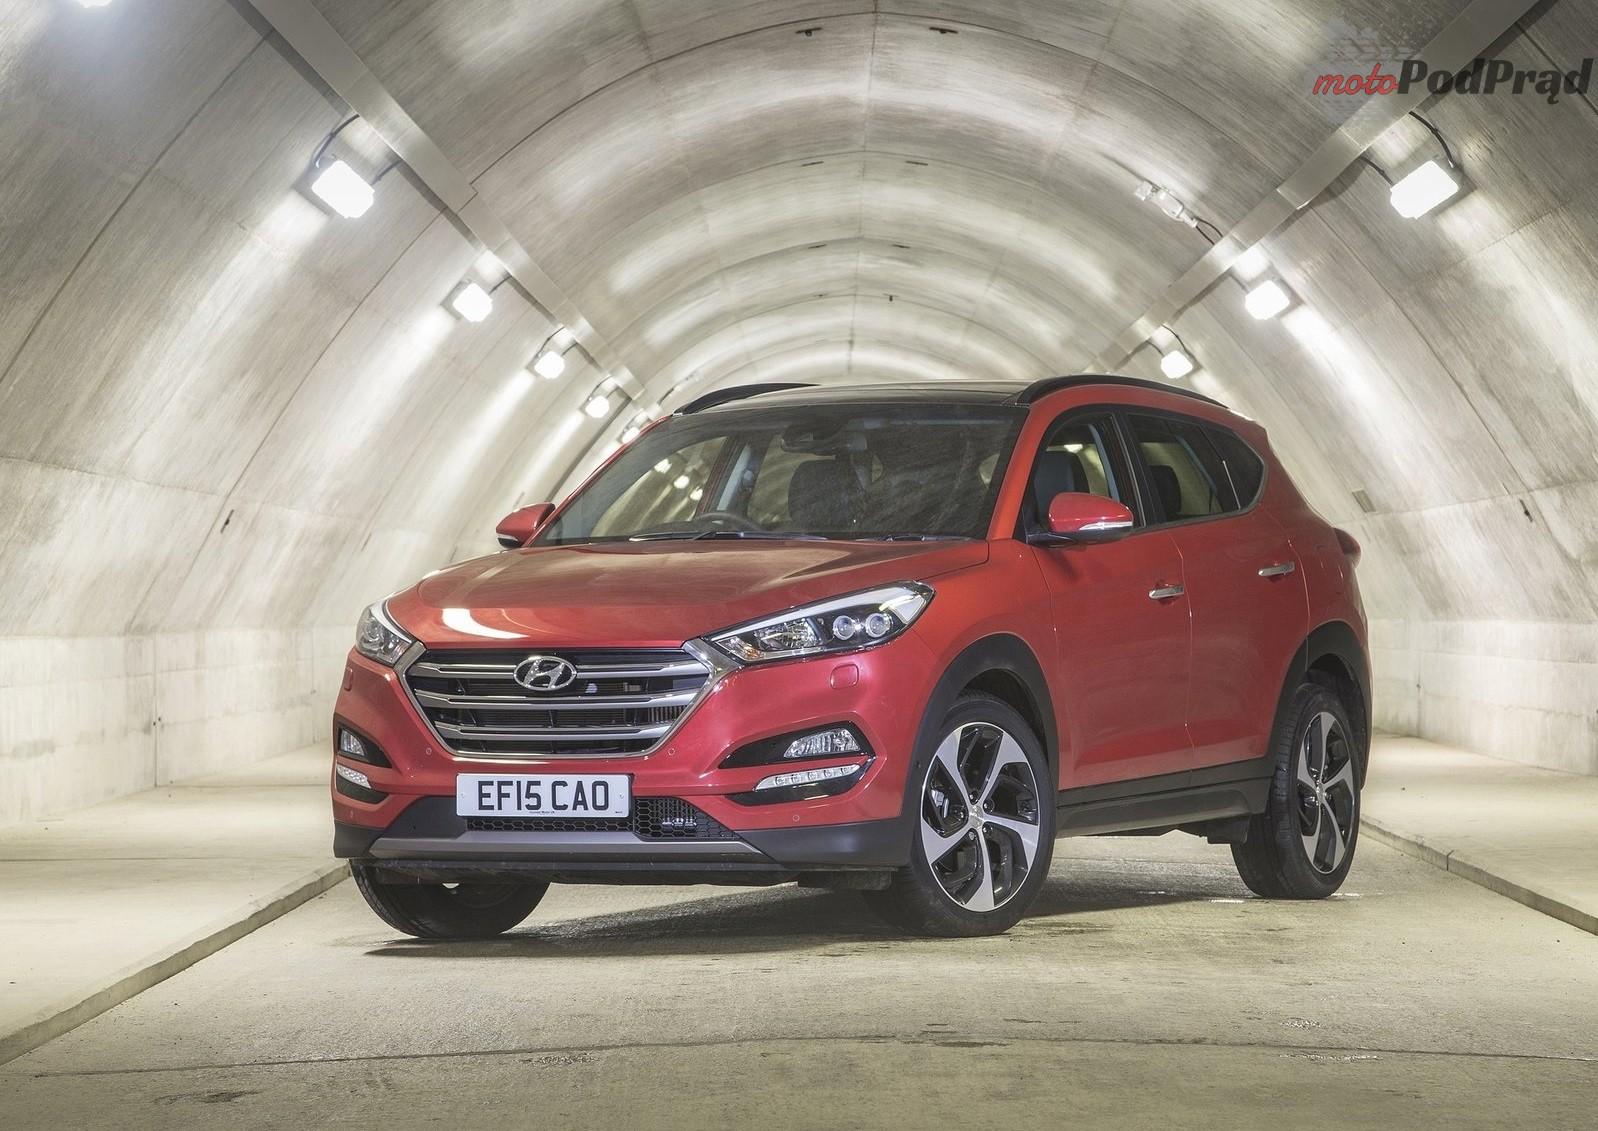 Hyundai Tucson EU Version 2016 1600 05 Najpopularniejsze SUV y w Polsce   podsumowanie 2017 r.